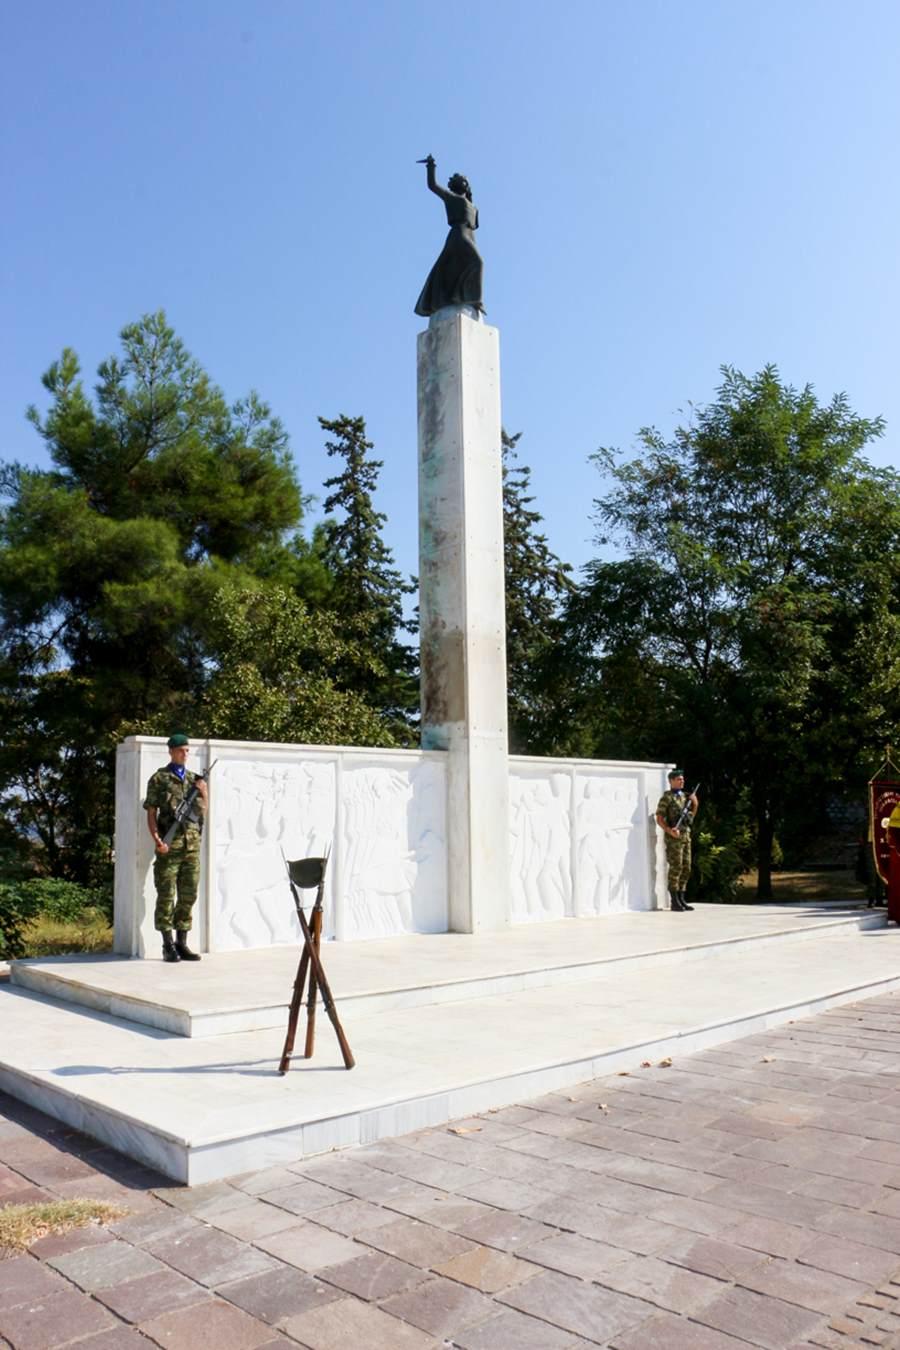 Στις εκδηλώσεις για την ημέρα Εθνικής Μνήμης της γενοκτονίας των Ελλήνων της Μικράς Ασίας ο διοικητής της 1ης Στρατιάς